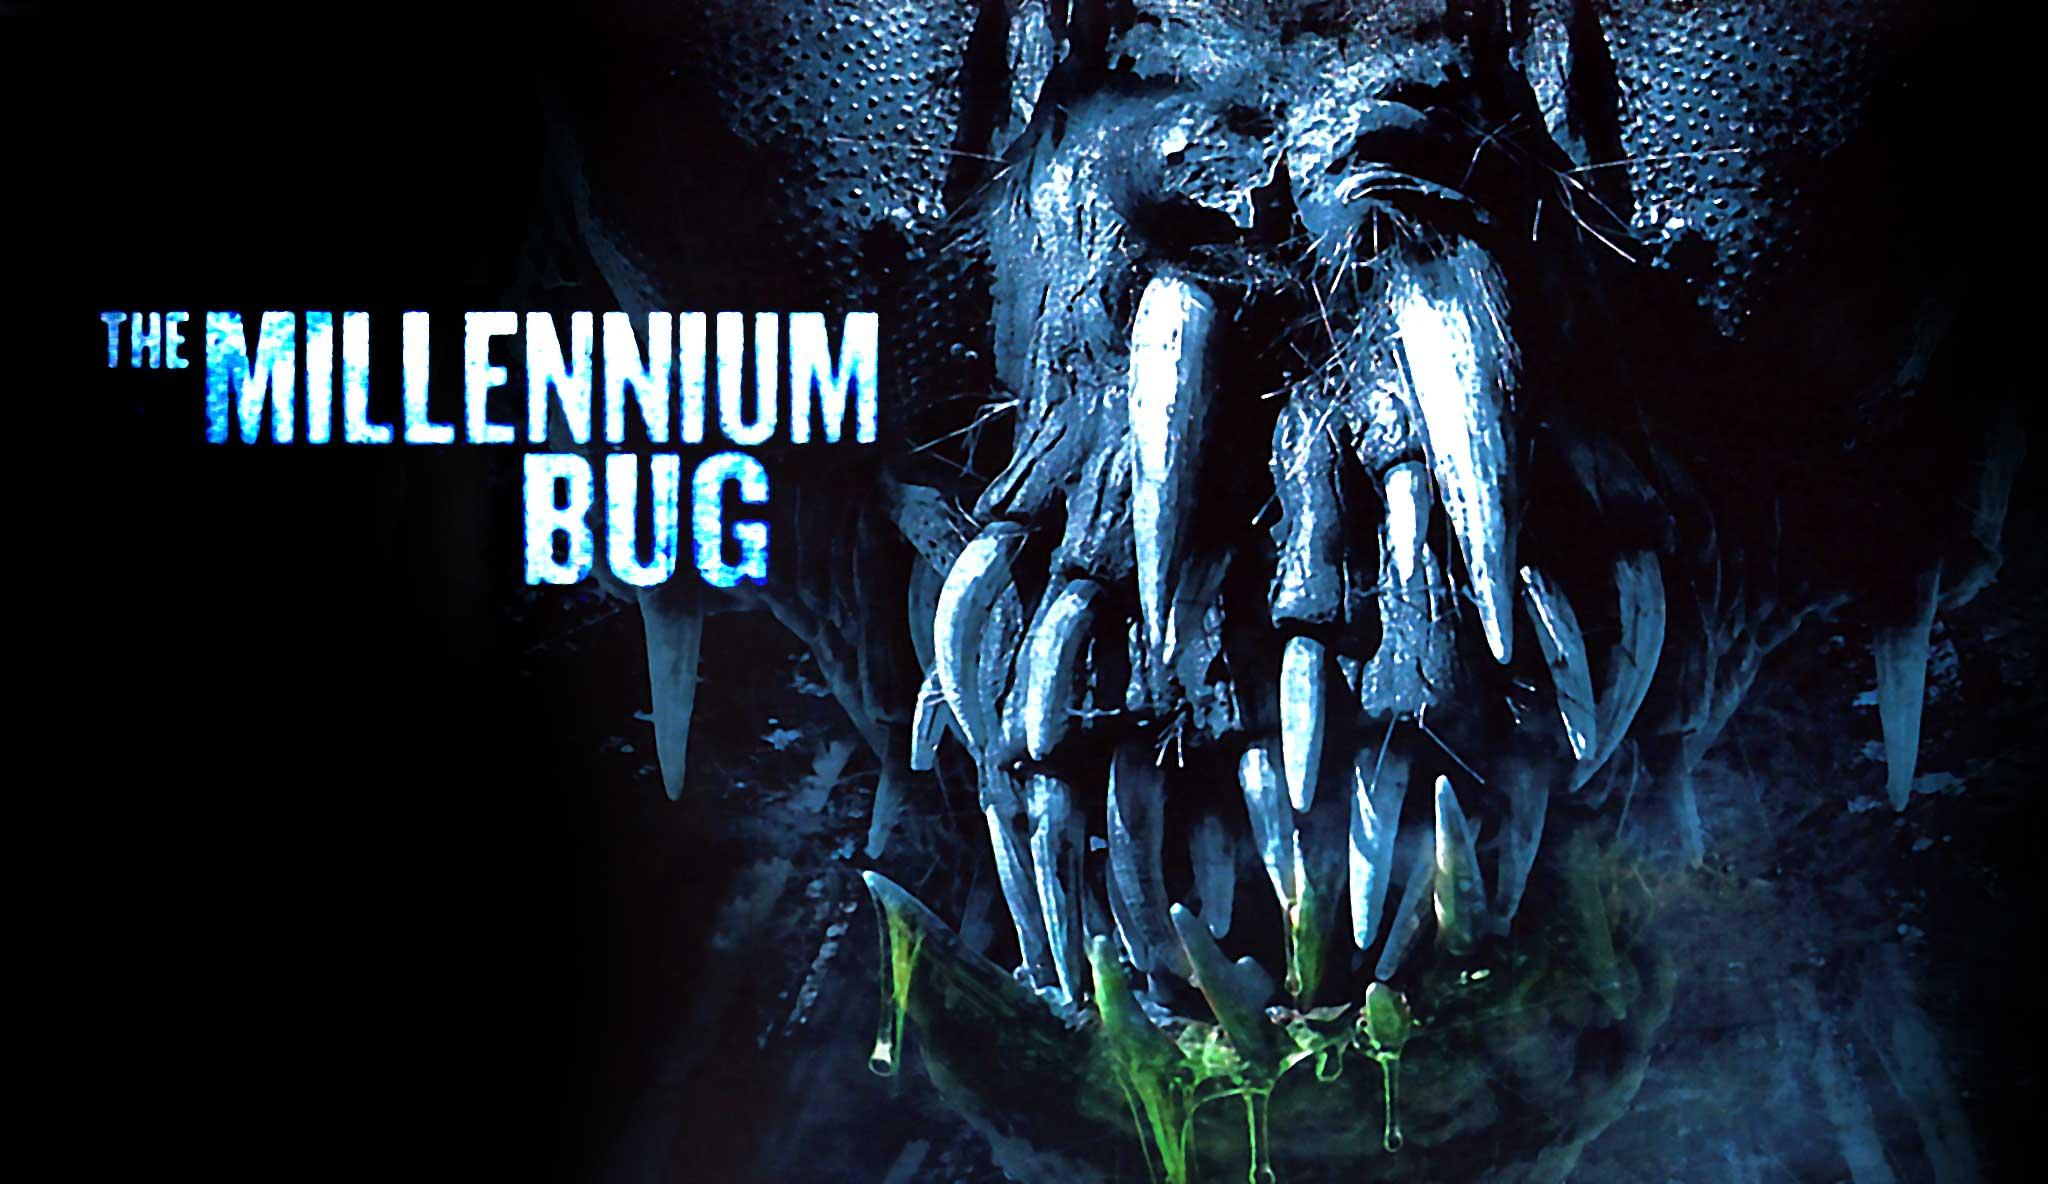 millennium-bug-der-albtraum-beginnt\header.jpg